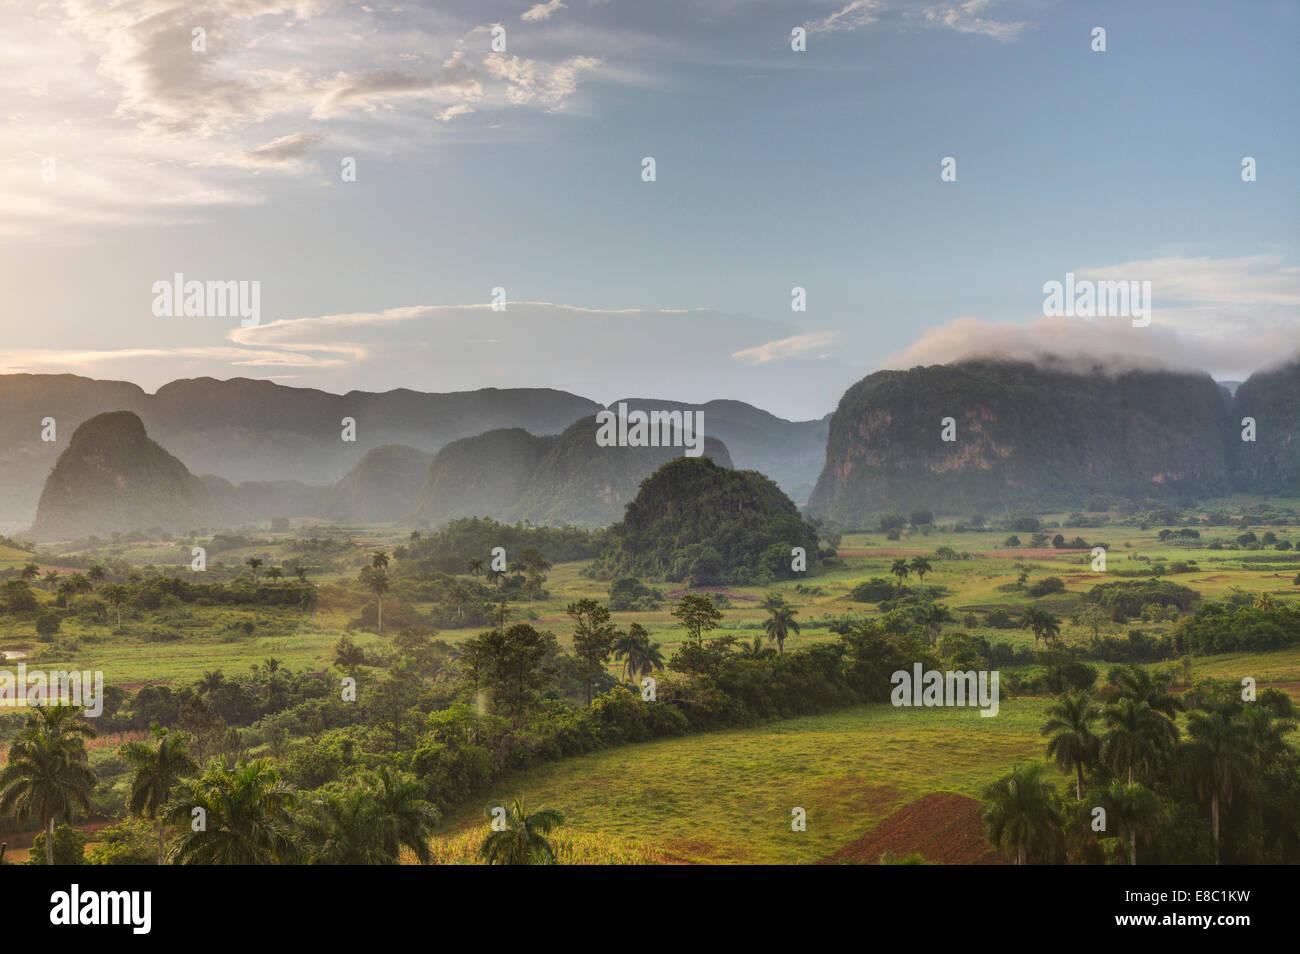 Mogotes en la noche paisaje de Viñales, provincia de Pinar del Río, Cuba Imagen De Stock